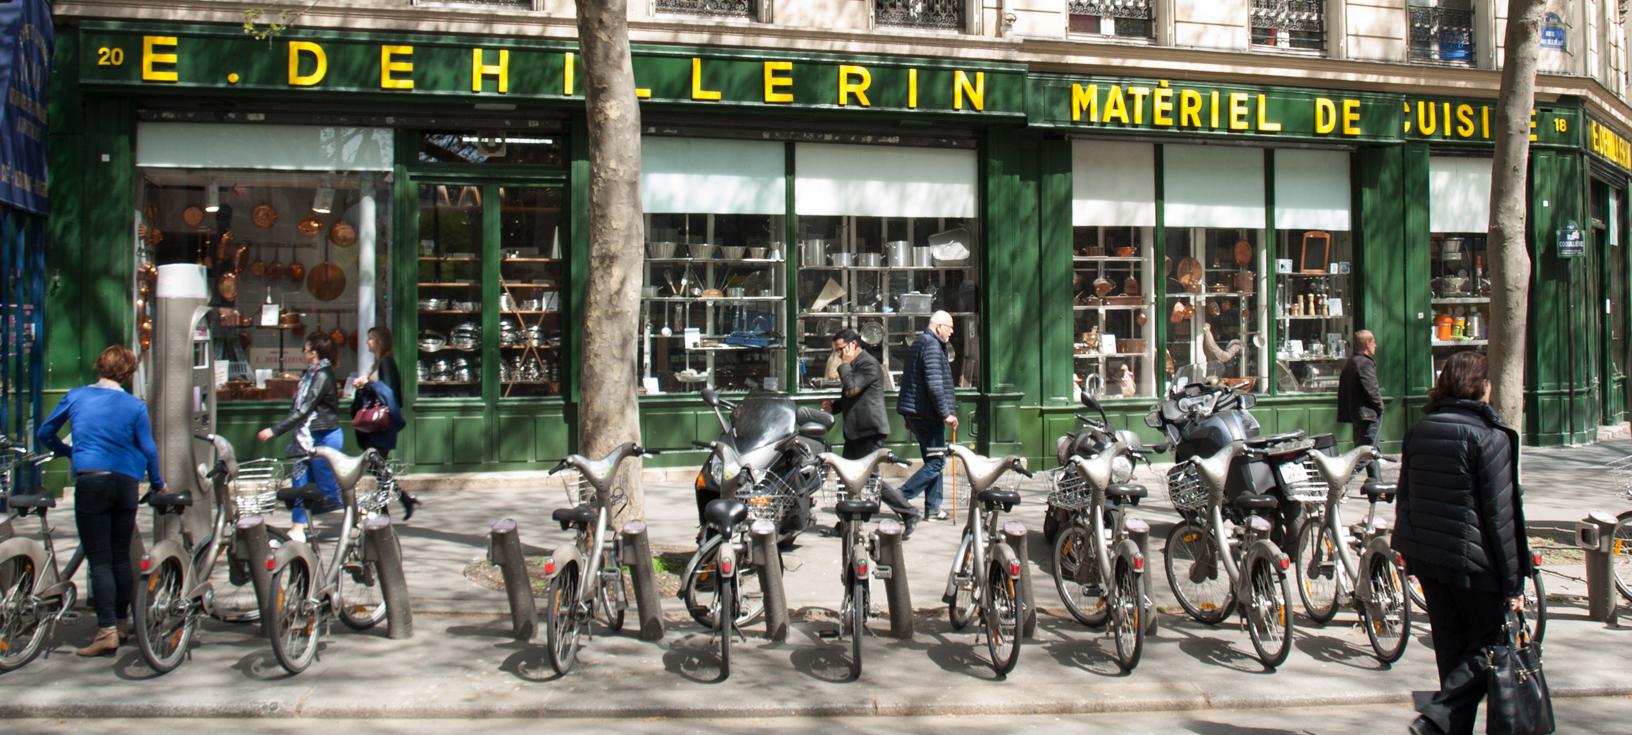 E. Dehillerin in Paris